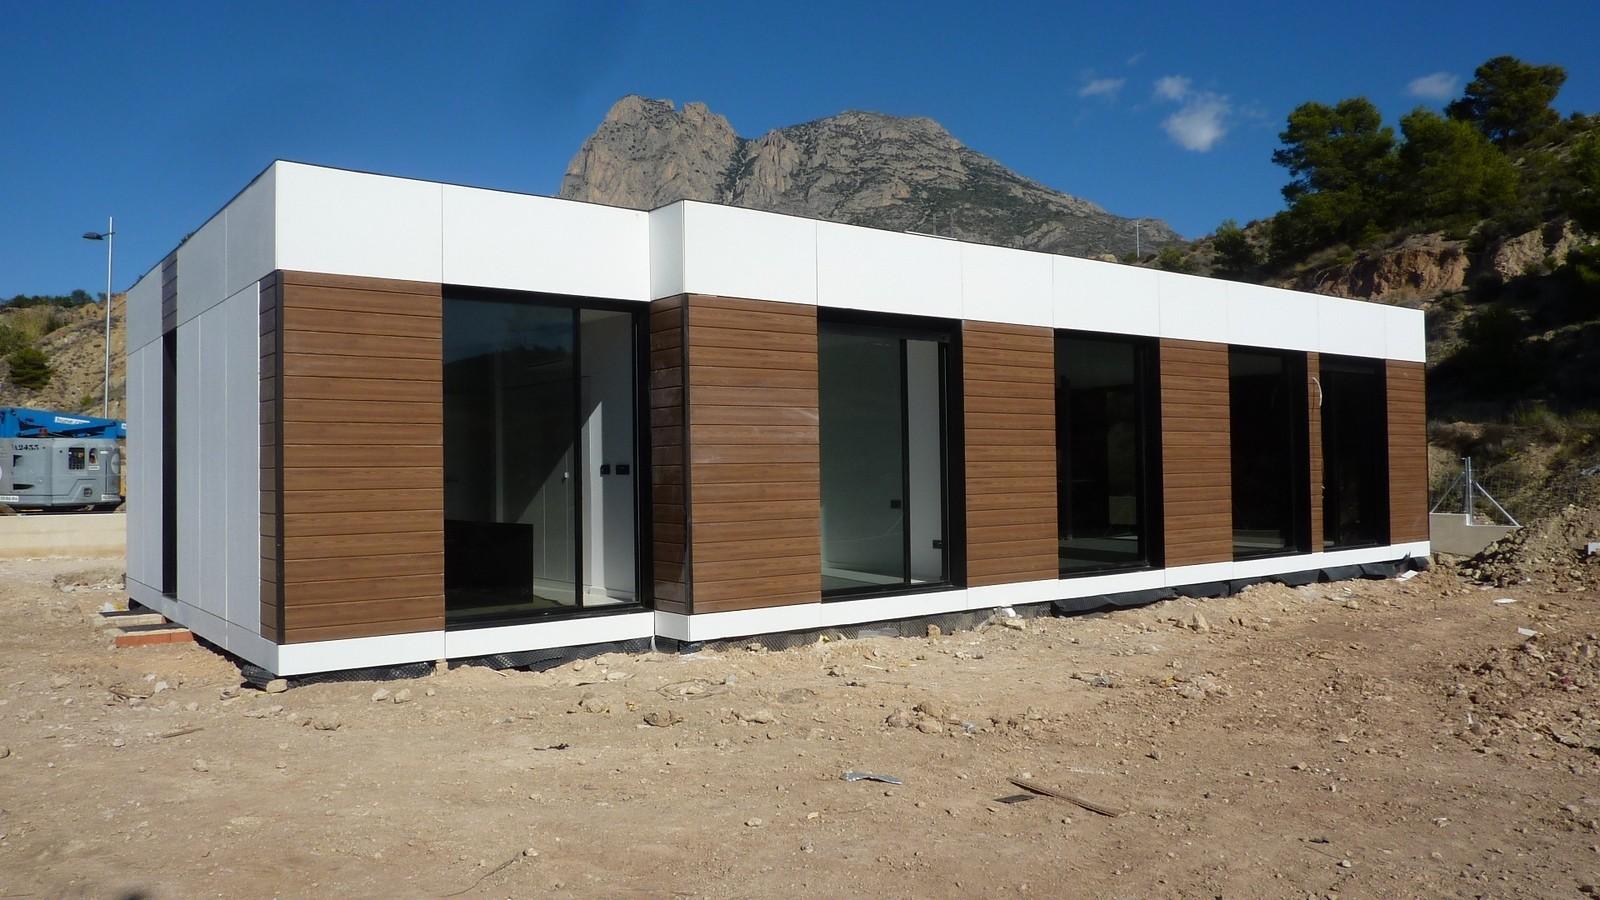 P1100463 5839 1850 900 90 c - Casas prefabricadas experiencias ...